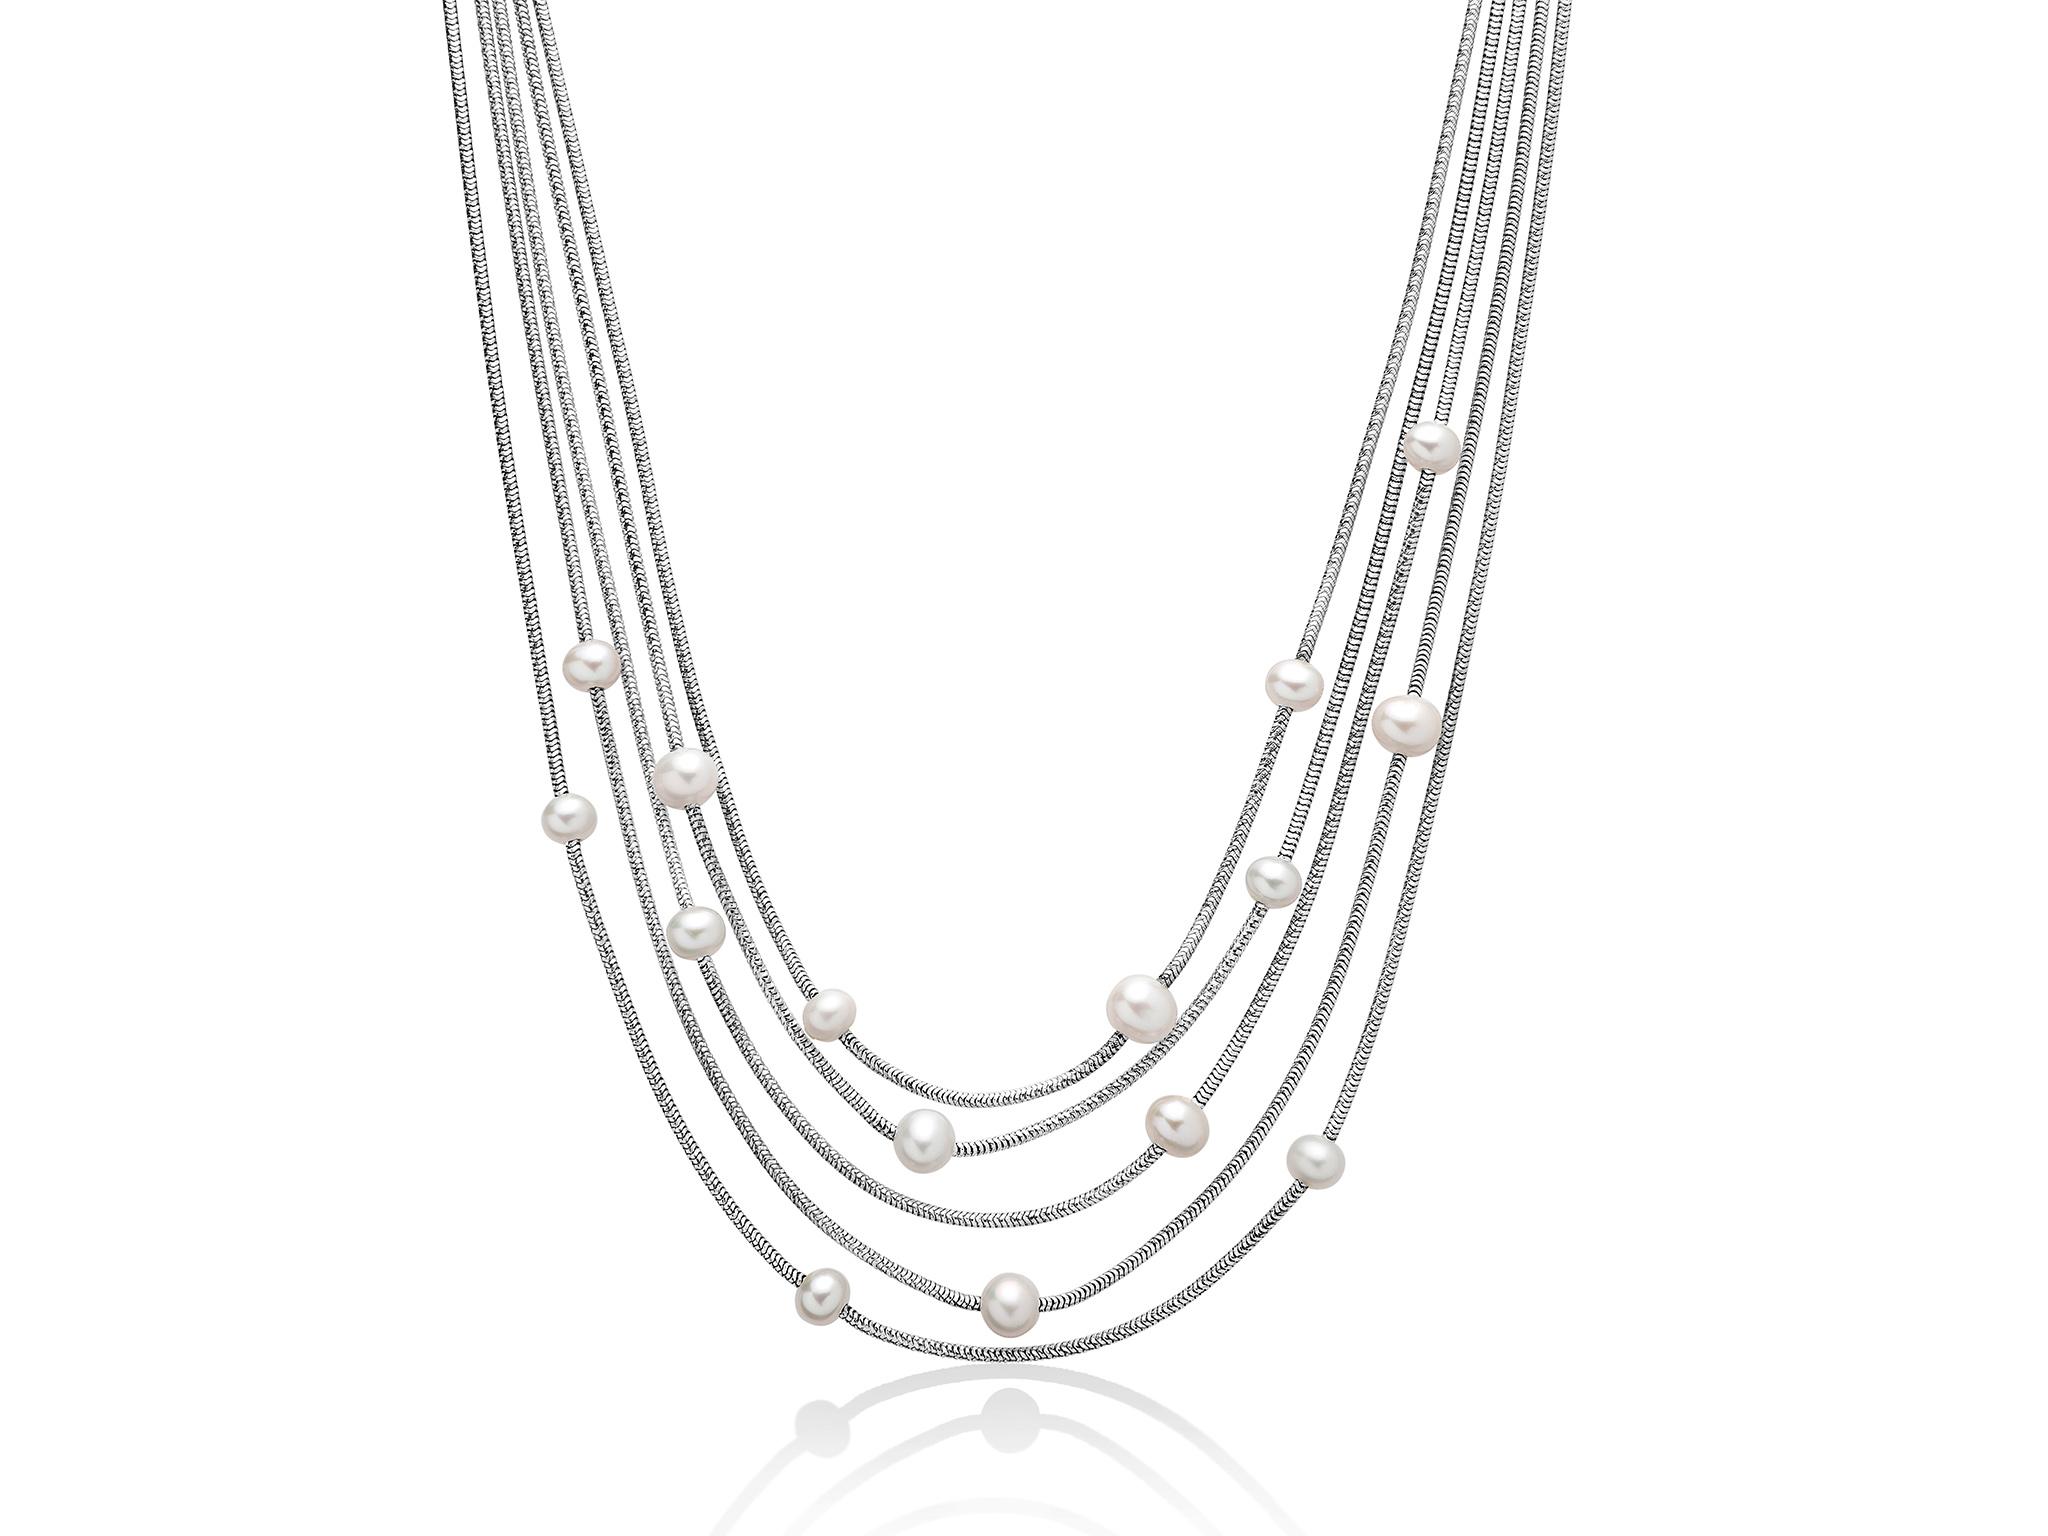 Collana multifilo in argento con perle. - PCL5629